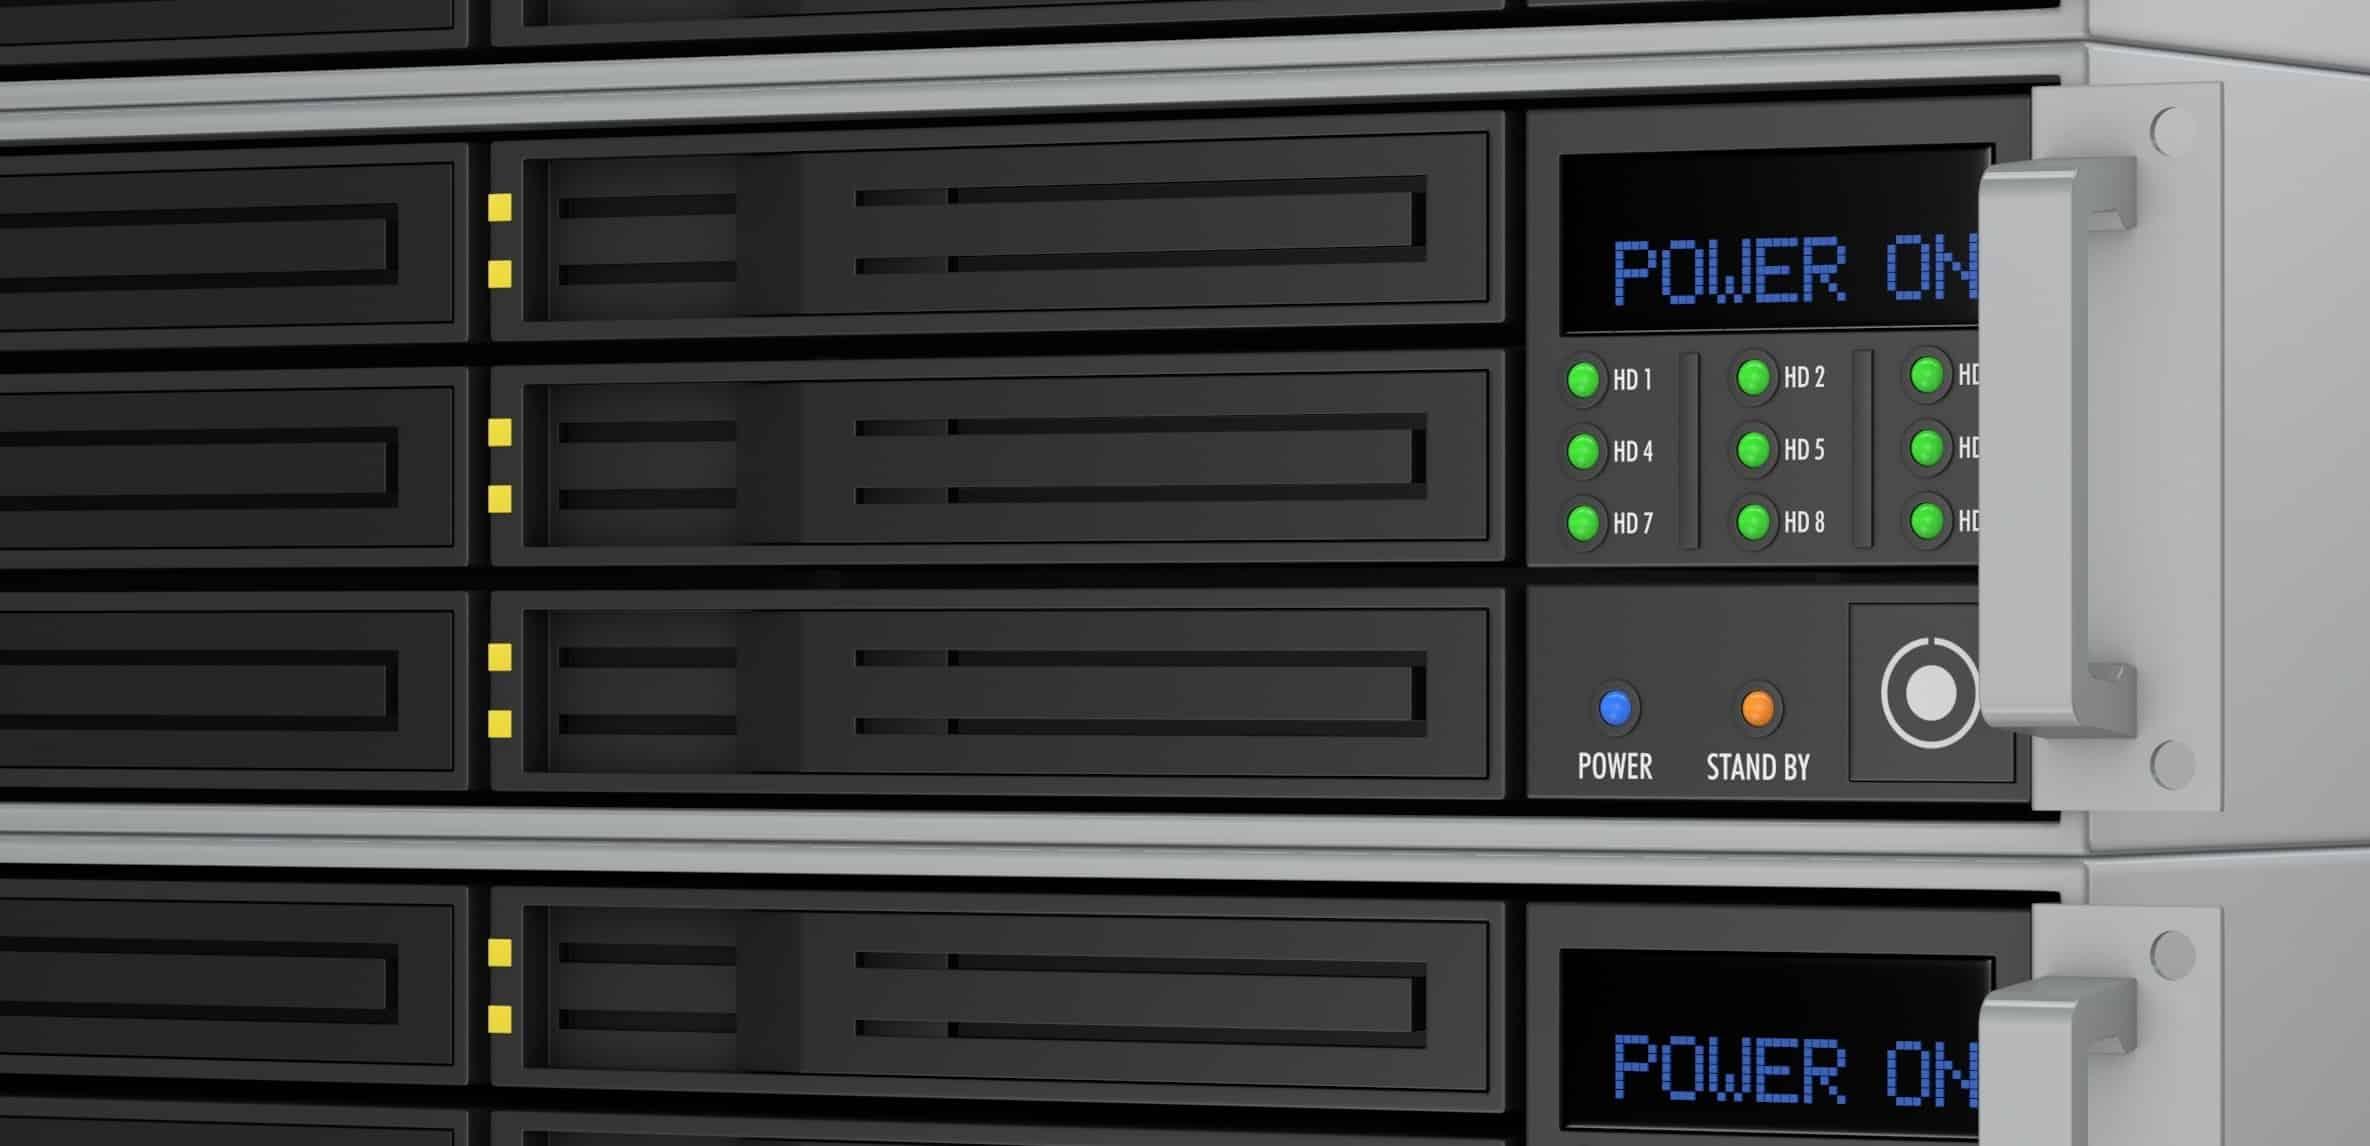 Migliori NAS (Network Attached Storage) 2020: Guida all'acquisto